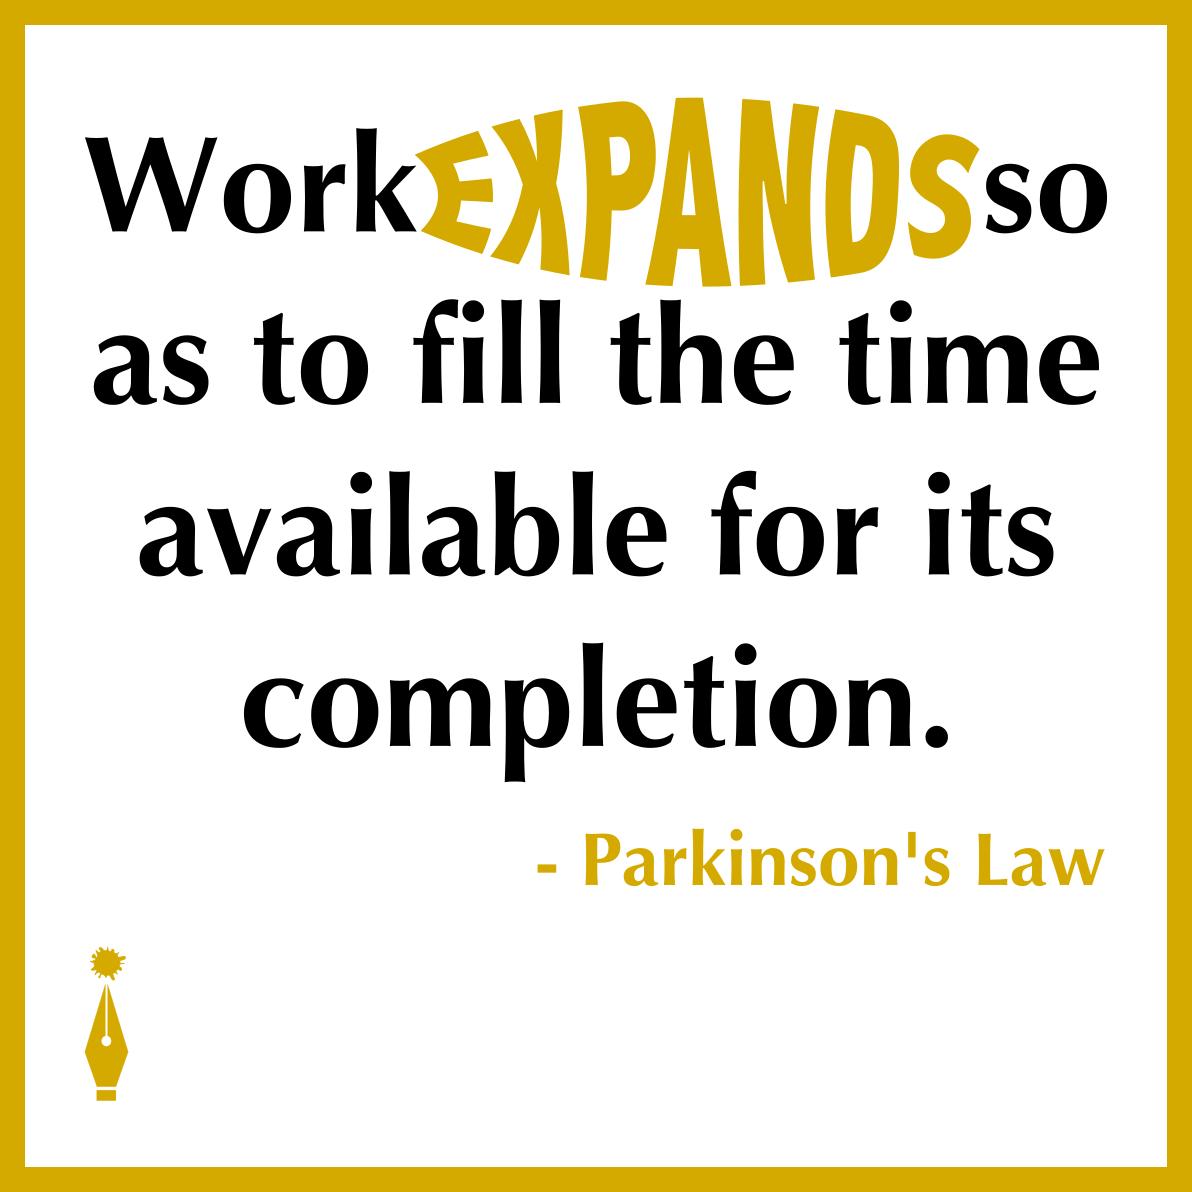 Parkinson's Law quote